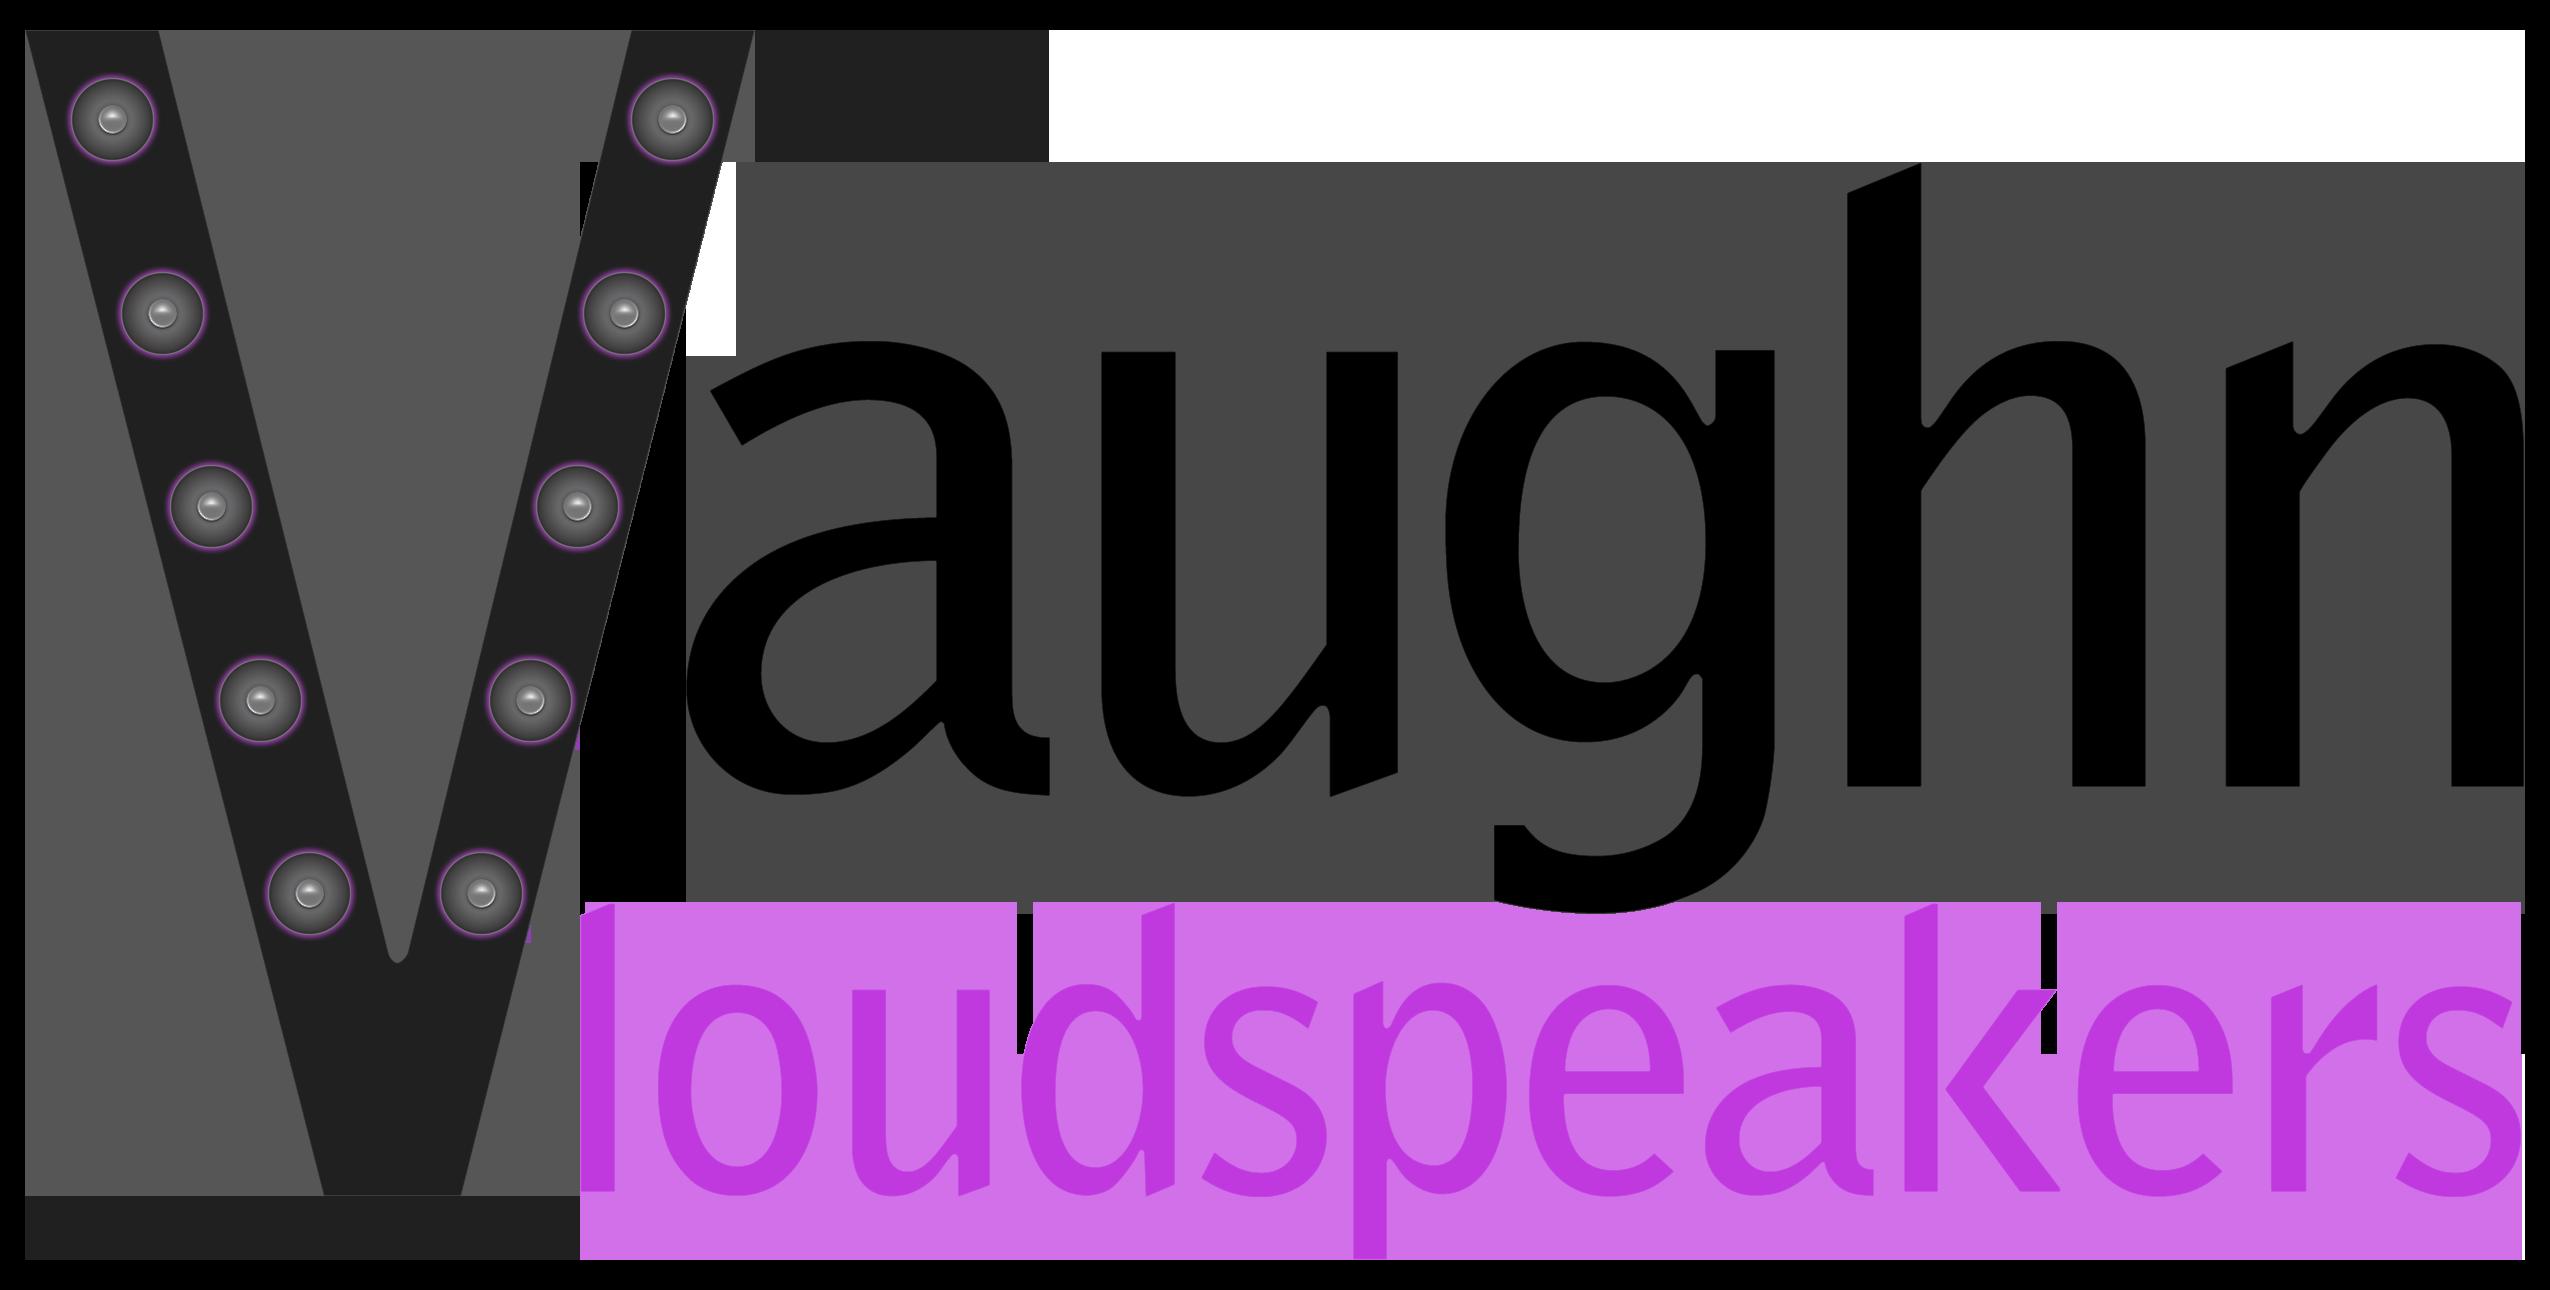 Vaughn Loudspeaker